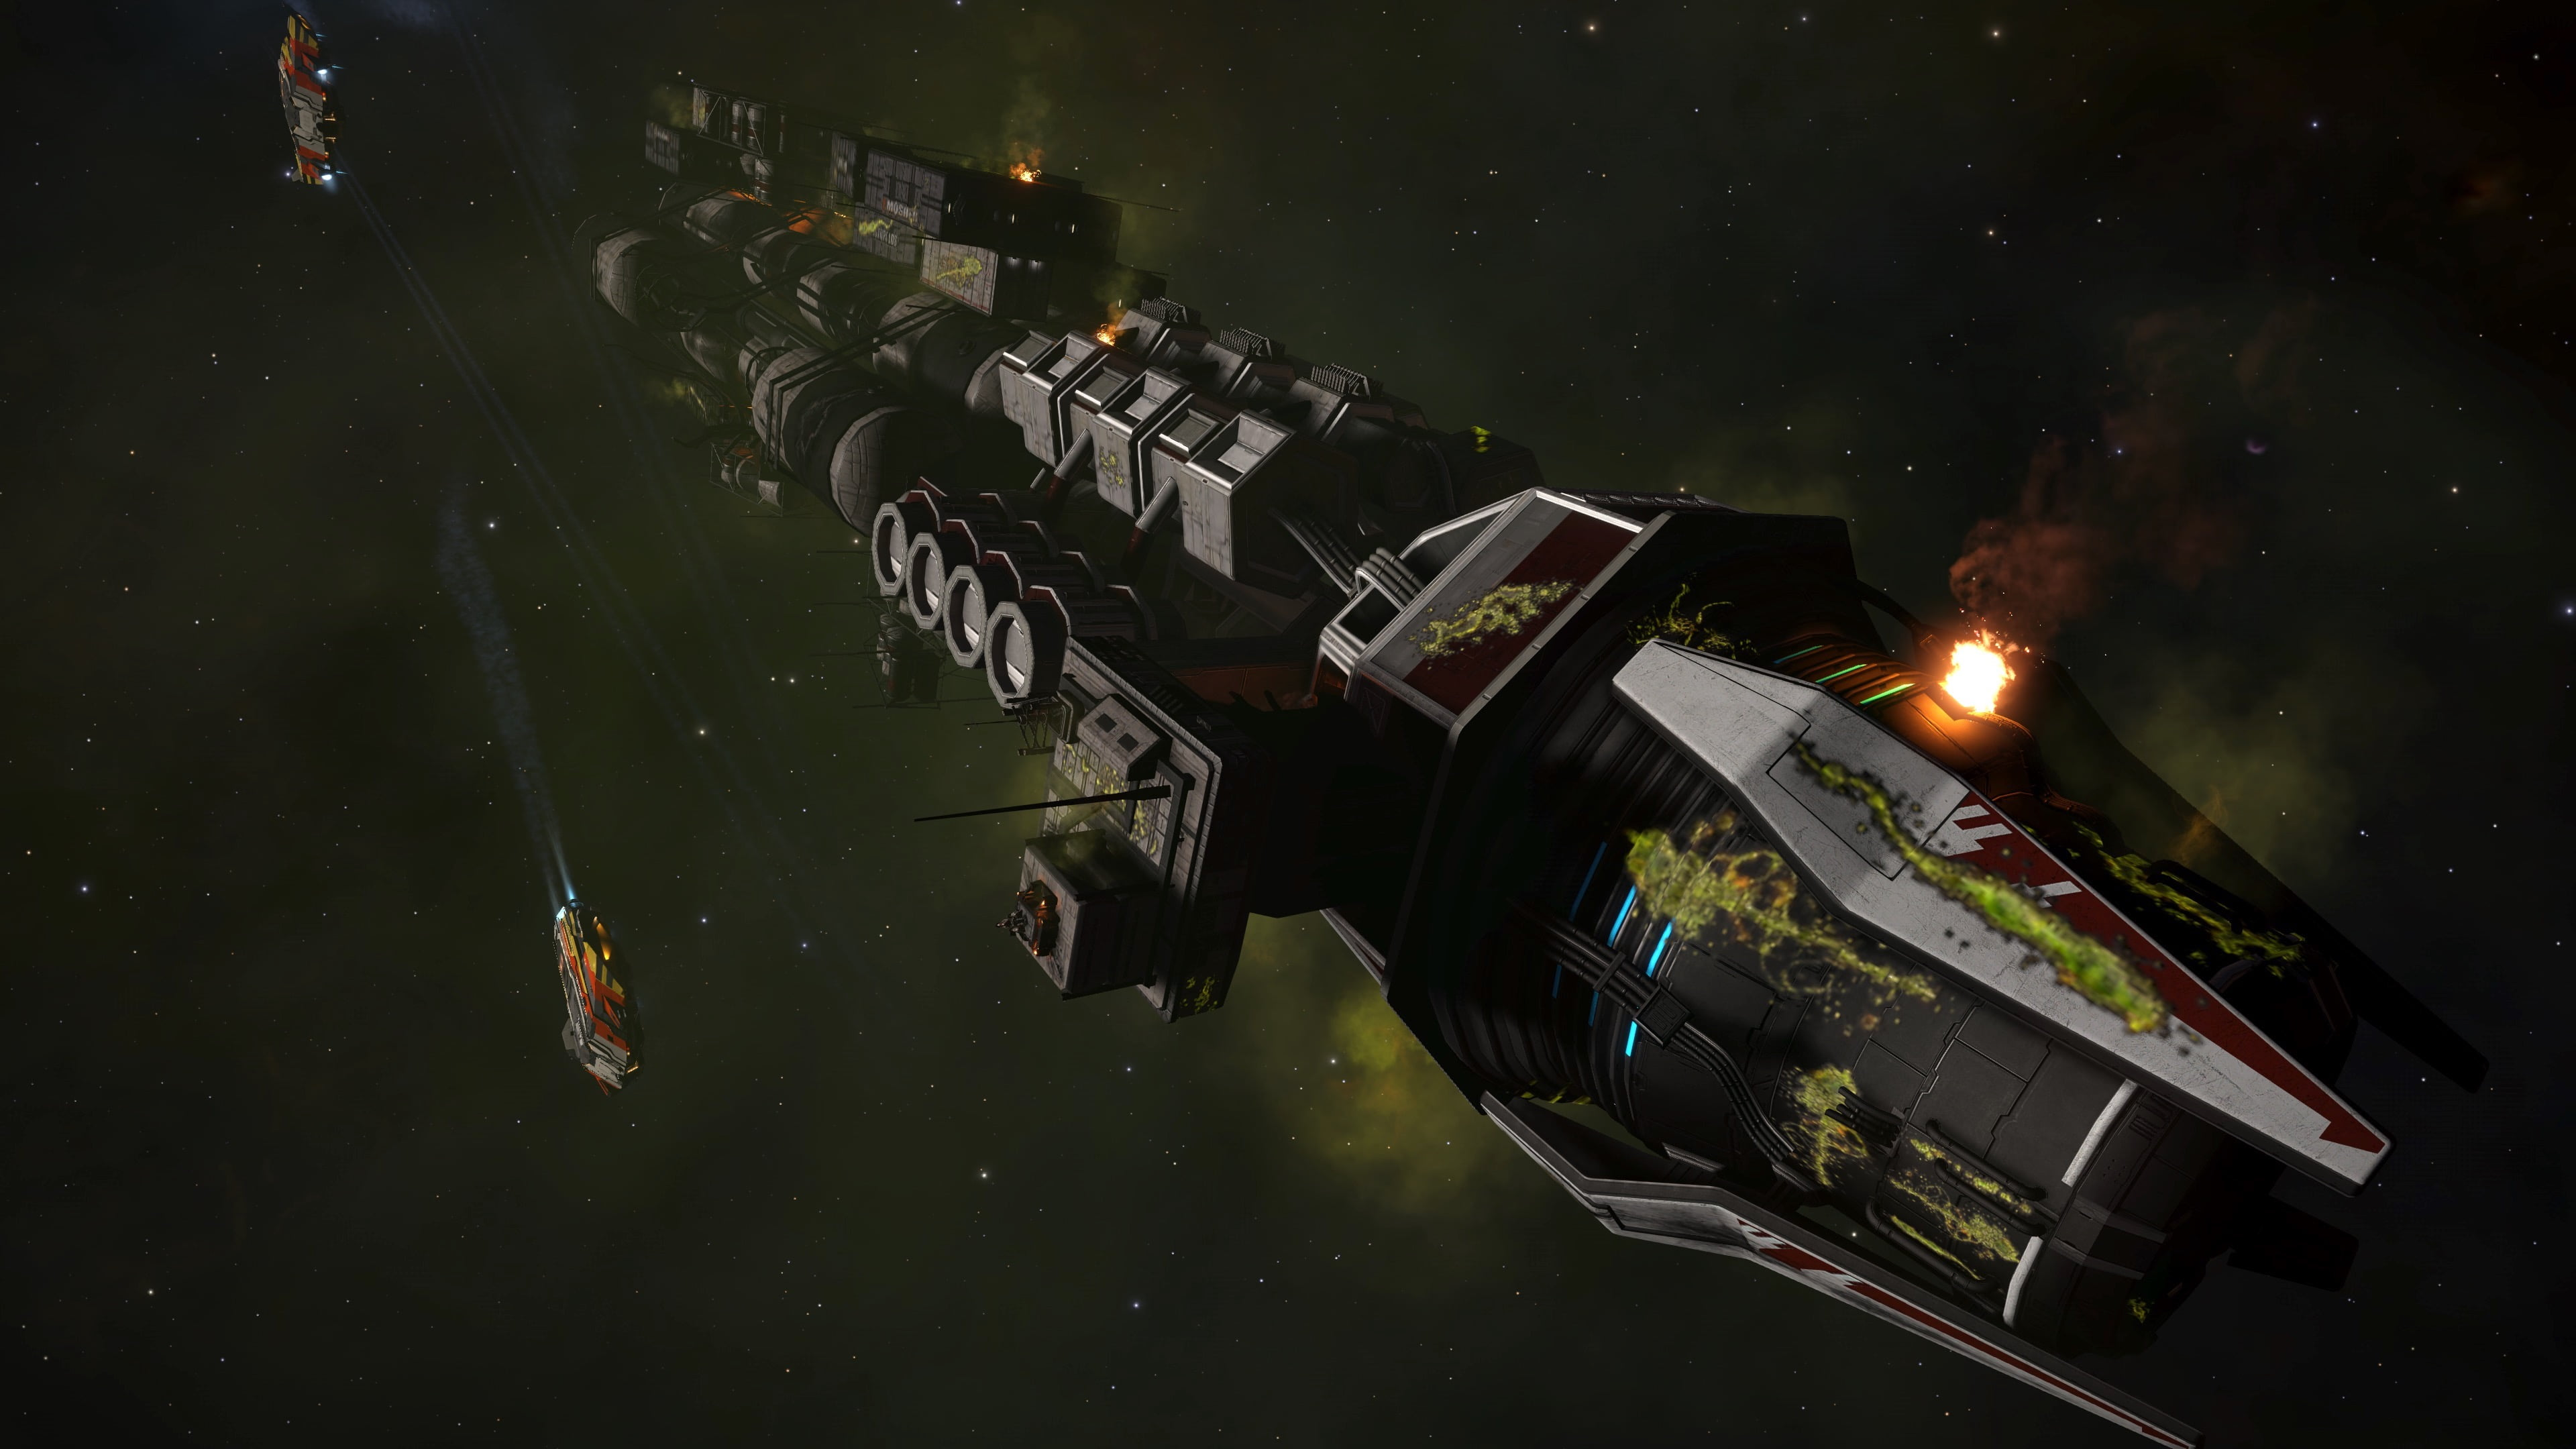 Thomas Class Bulk Cargo Ship DFX-056